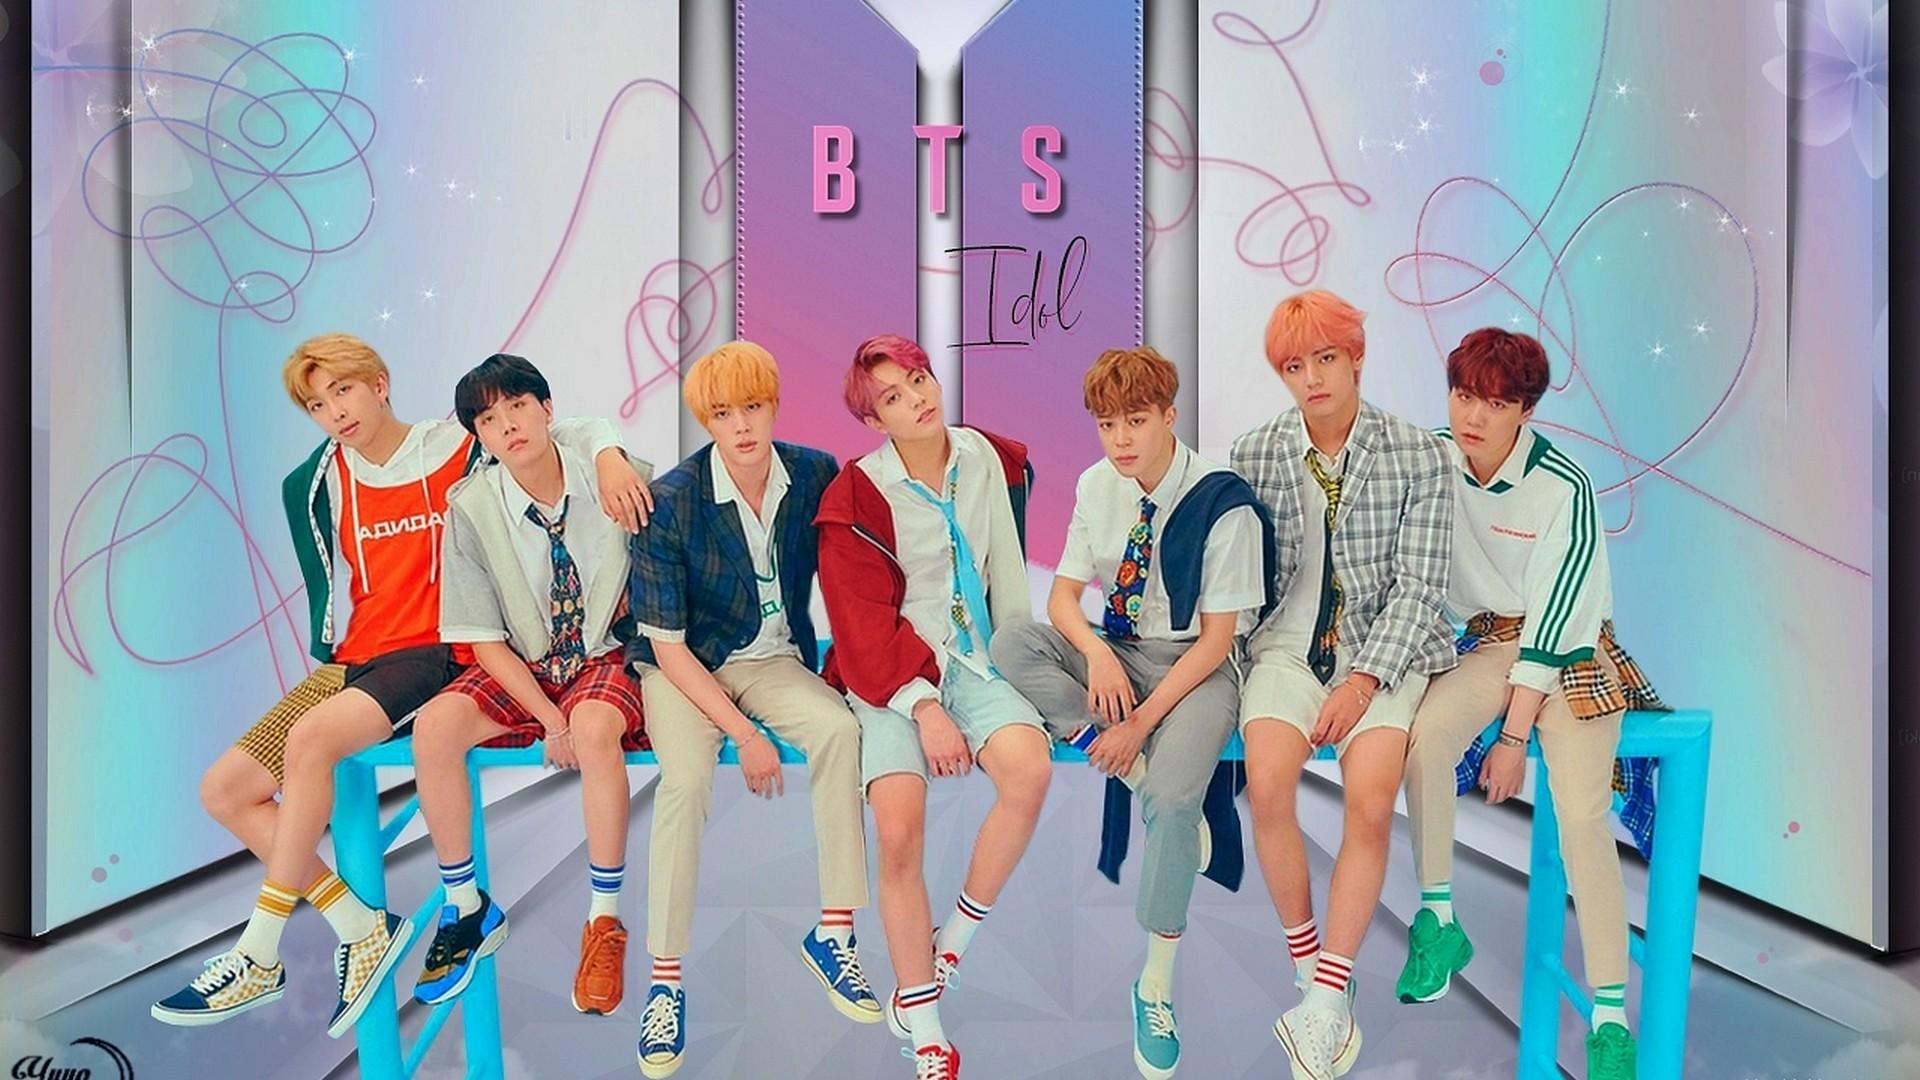 Wallpaper HD BTS 2019 Live Wallpaper HD